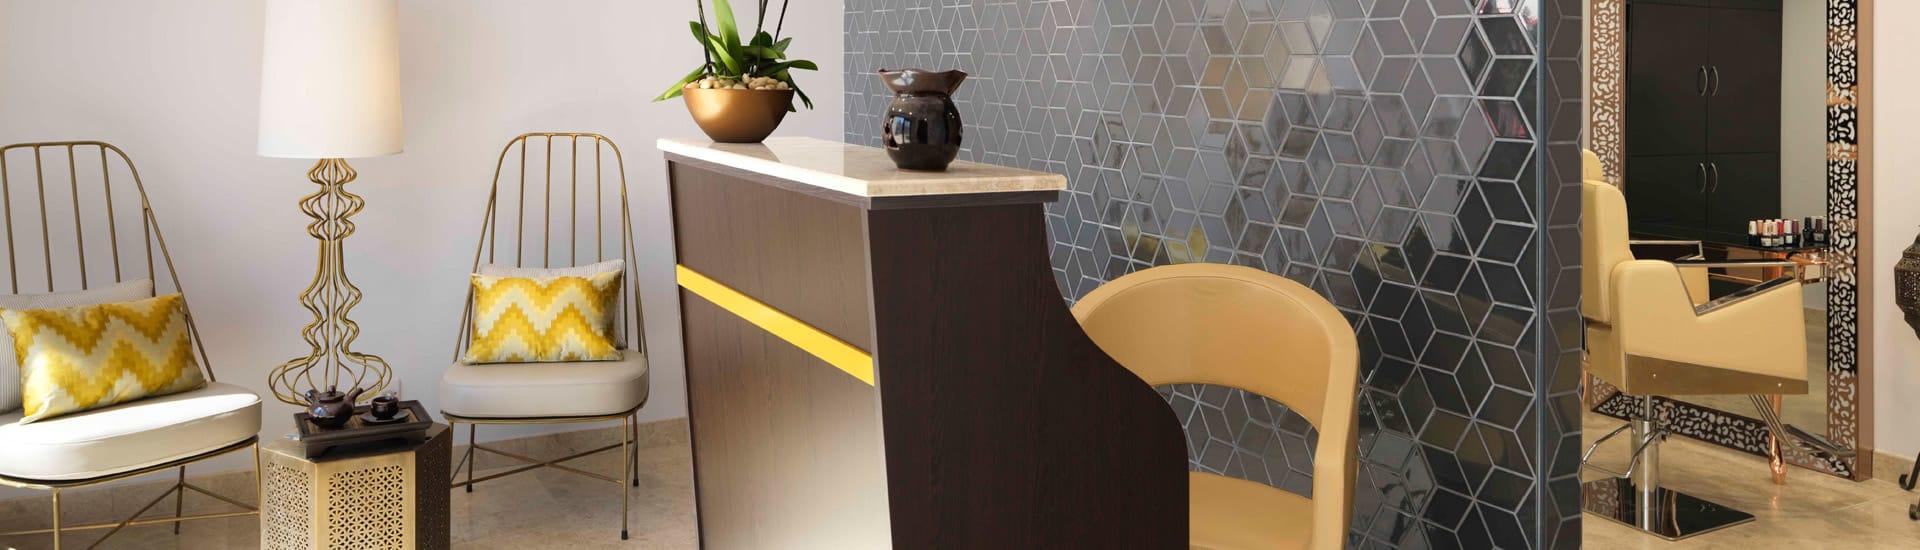 Salon Reception Area at Al Baleed Resort Salalah by Anantara Spa